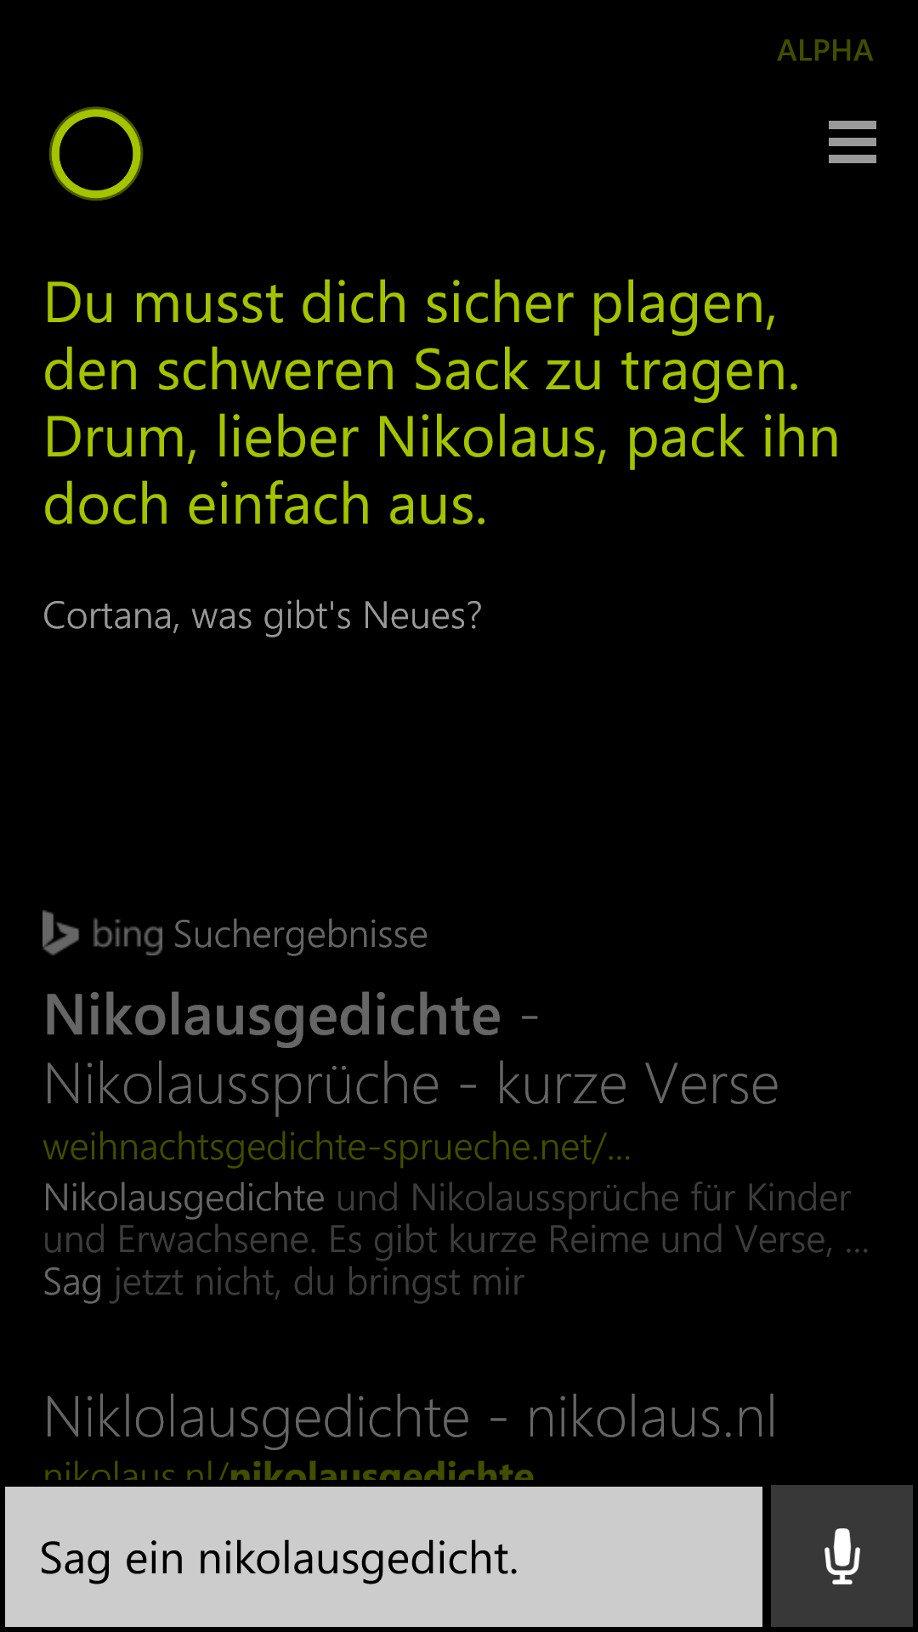 Nikolaus Gedicht Kurz